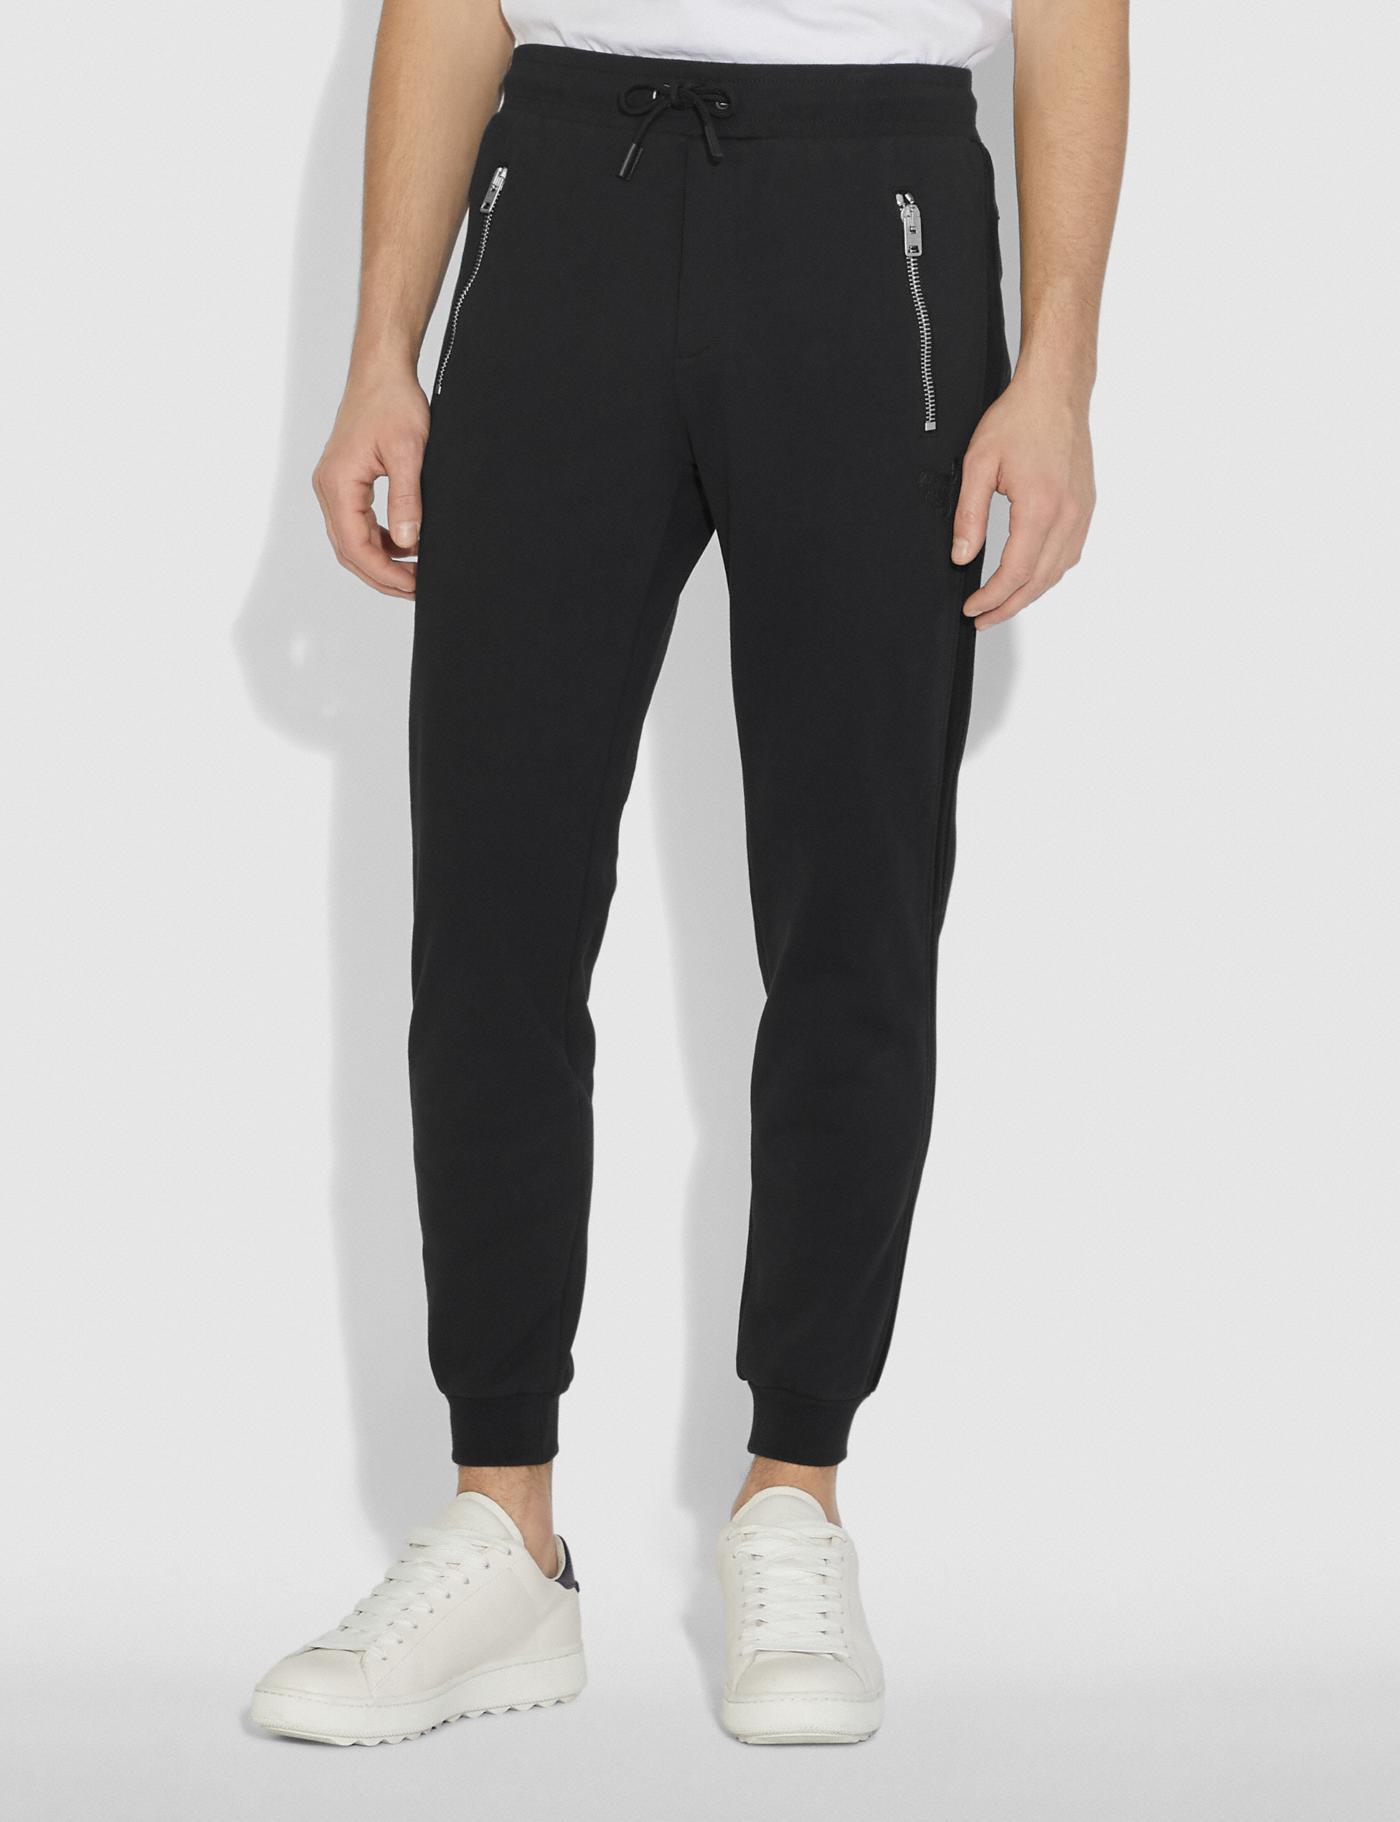 Track_Pants_5_-_Coach_best men's track pants